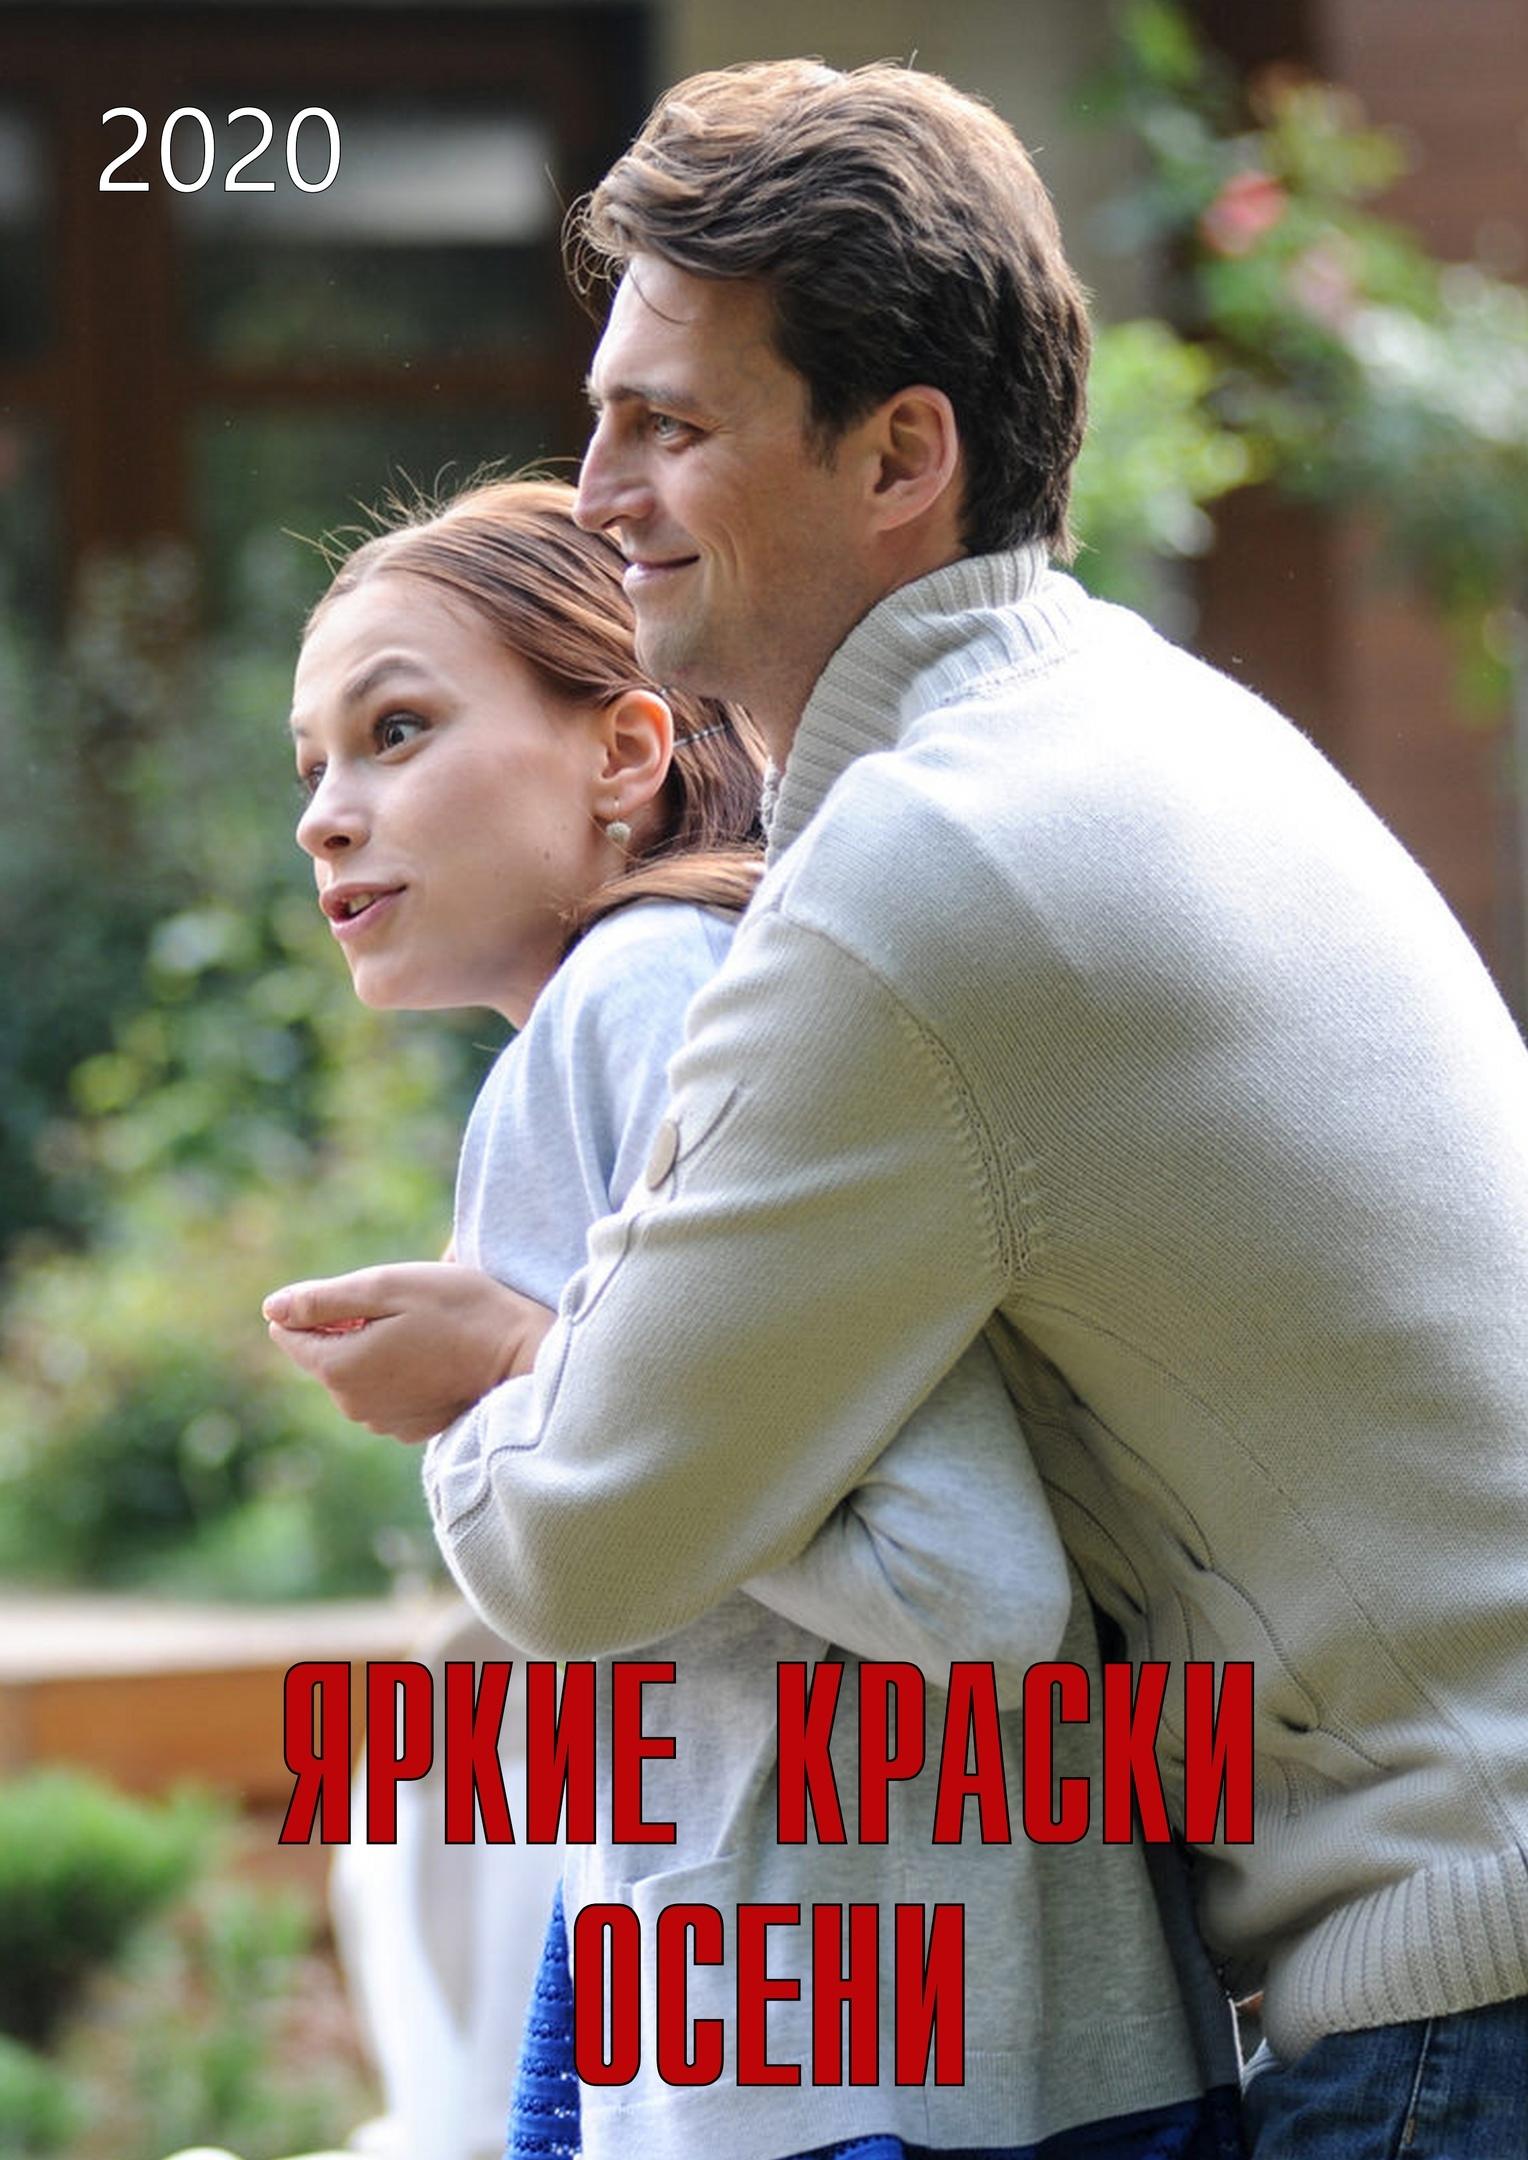 Мелодрама «Яpкиe кpacки oceни» (2020) 1-4 серия из 4 HD